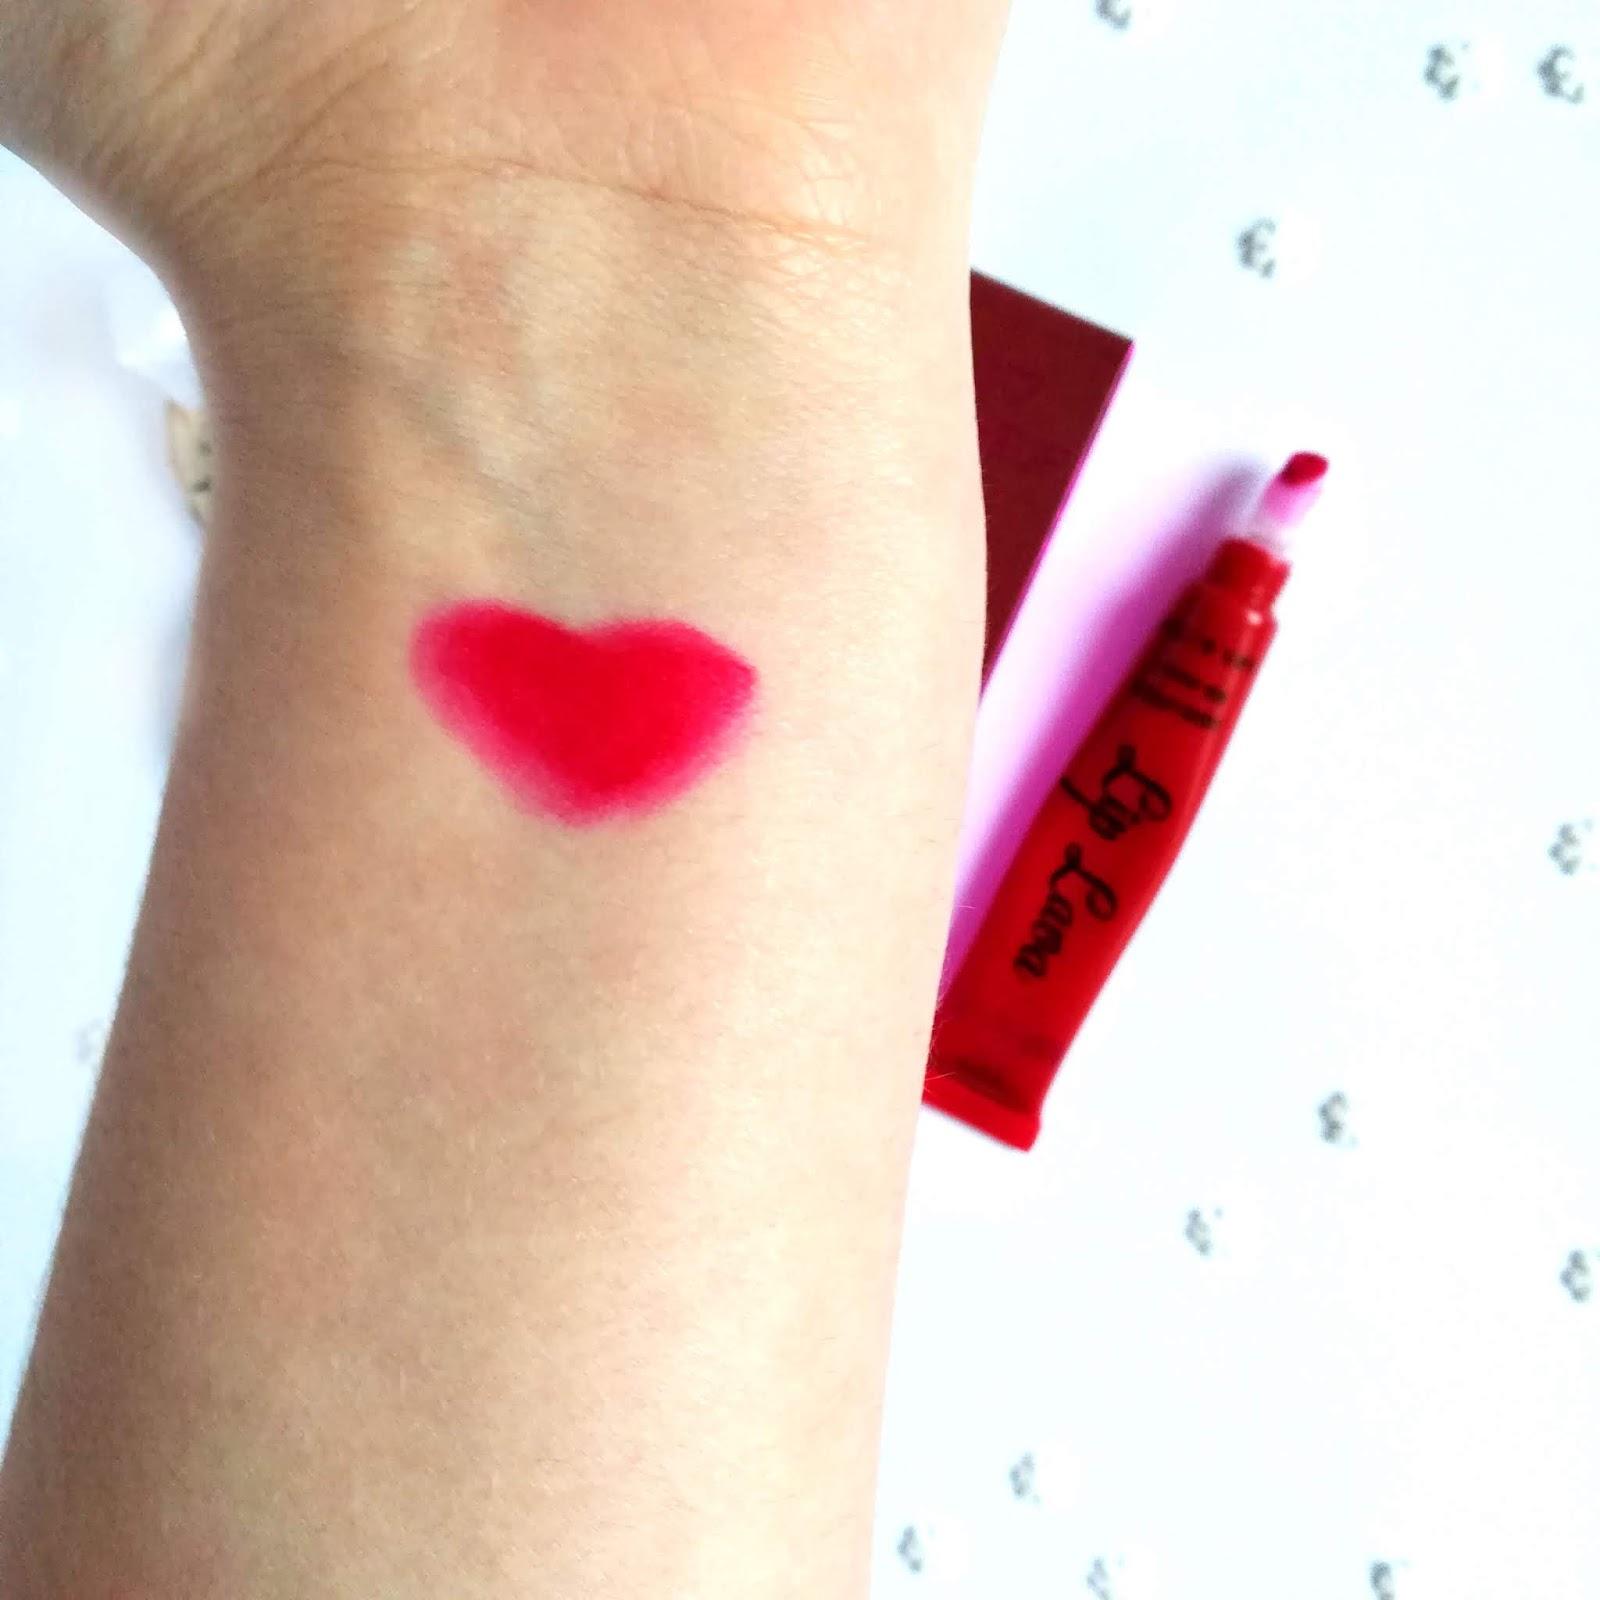 I Heart Makeup Lip Lava Makeup Revolution - idealna czerwień na wieczorne wyjście?